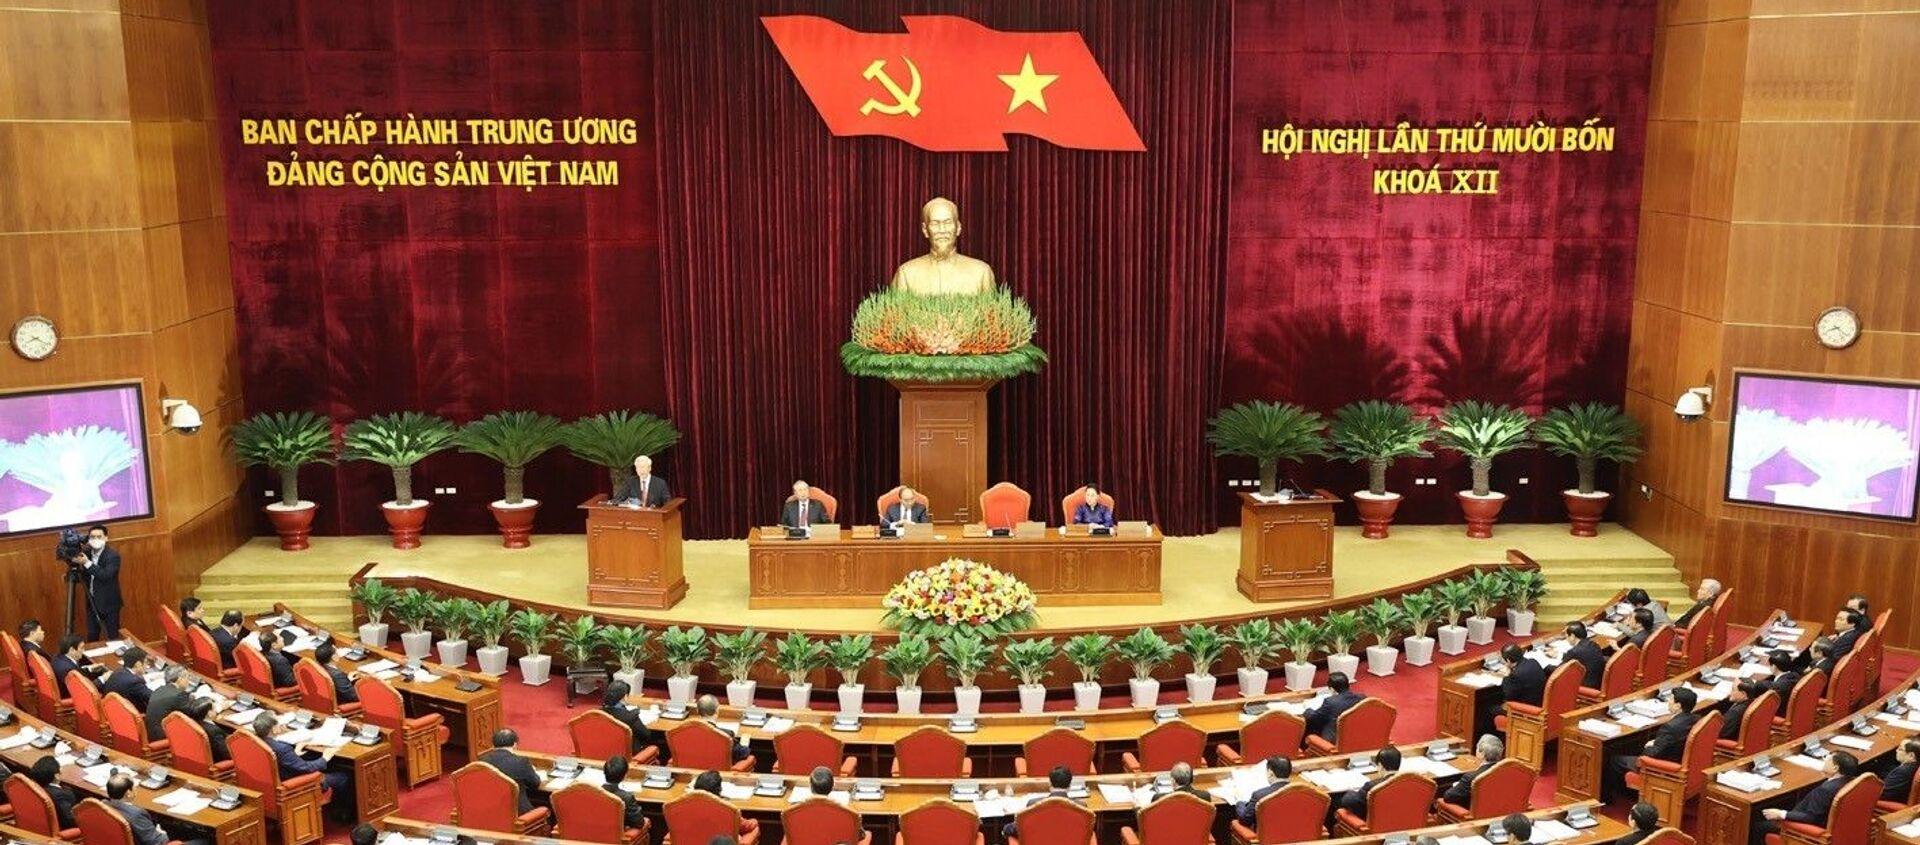 Toàn cảnh Tổng Bí thư, Chủ tịch nước Nguyễn Phú Trọng phát biểu khai mạc Hội nghị. - Sputnik Việt Nam, 1920, 17.12.2020